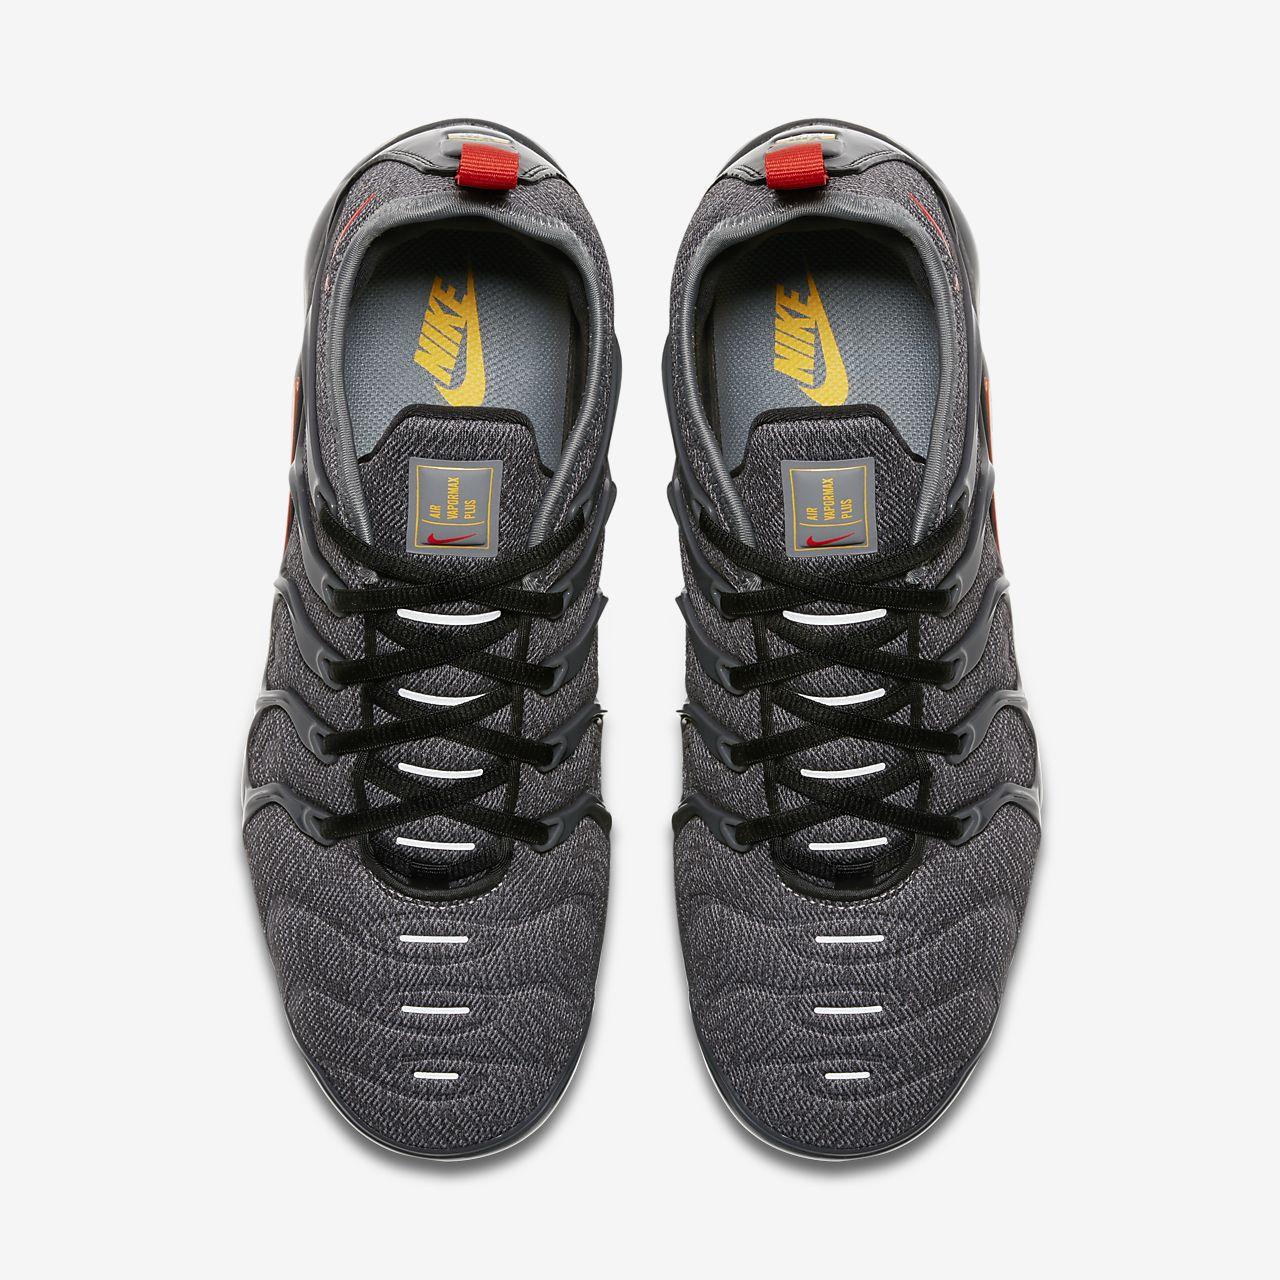 free shipping cef74 085c8 ... Sko Nike Air VaporMax Plus för män